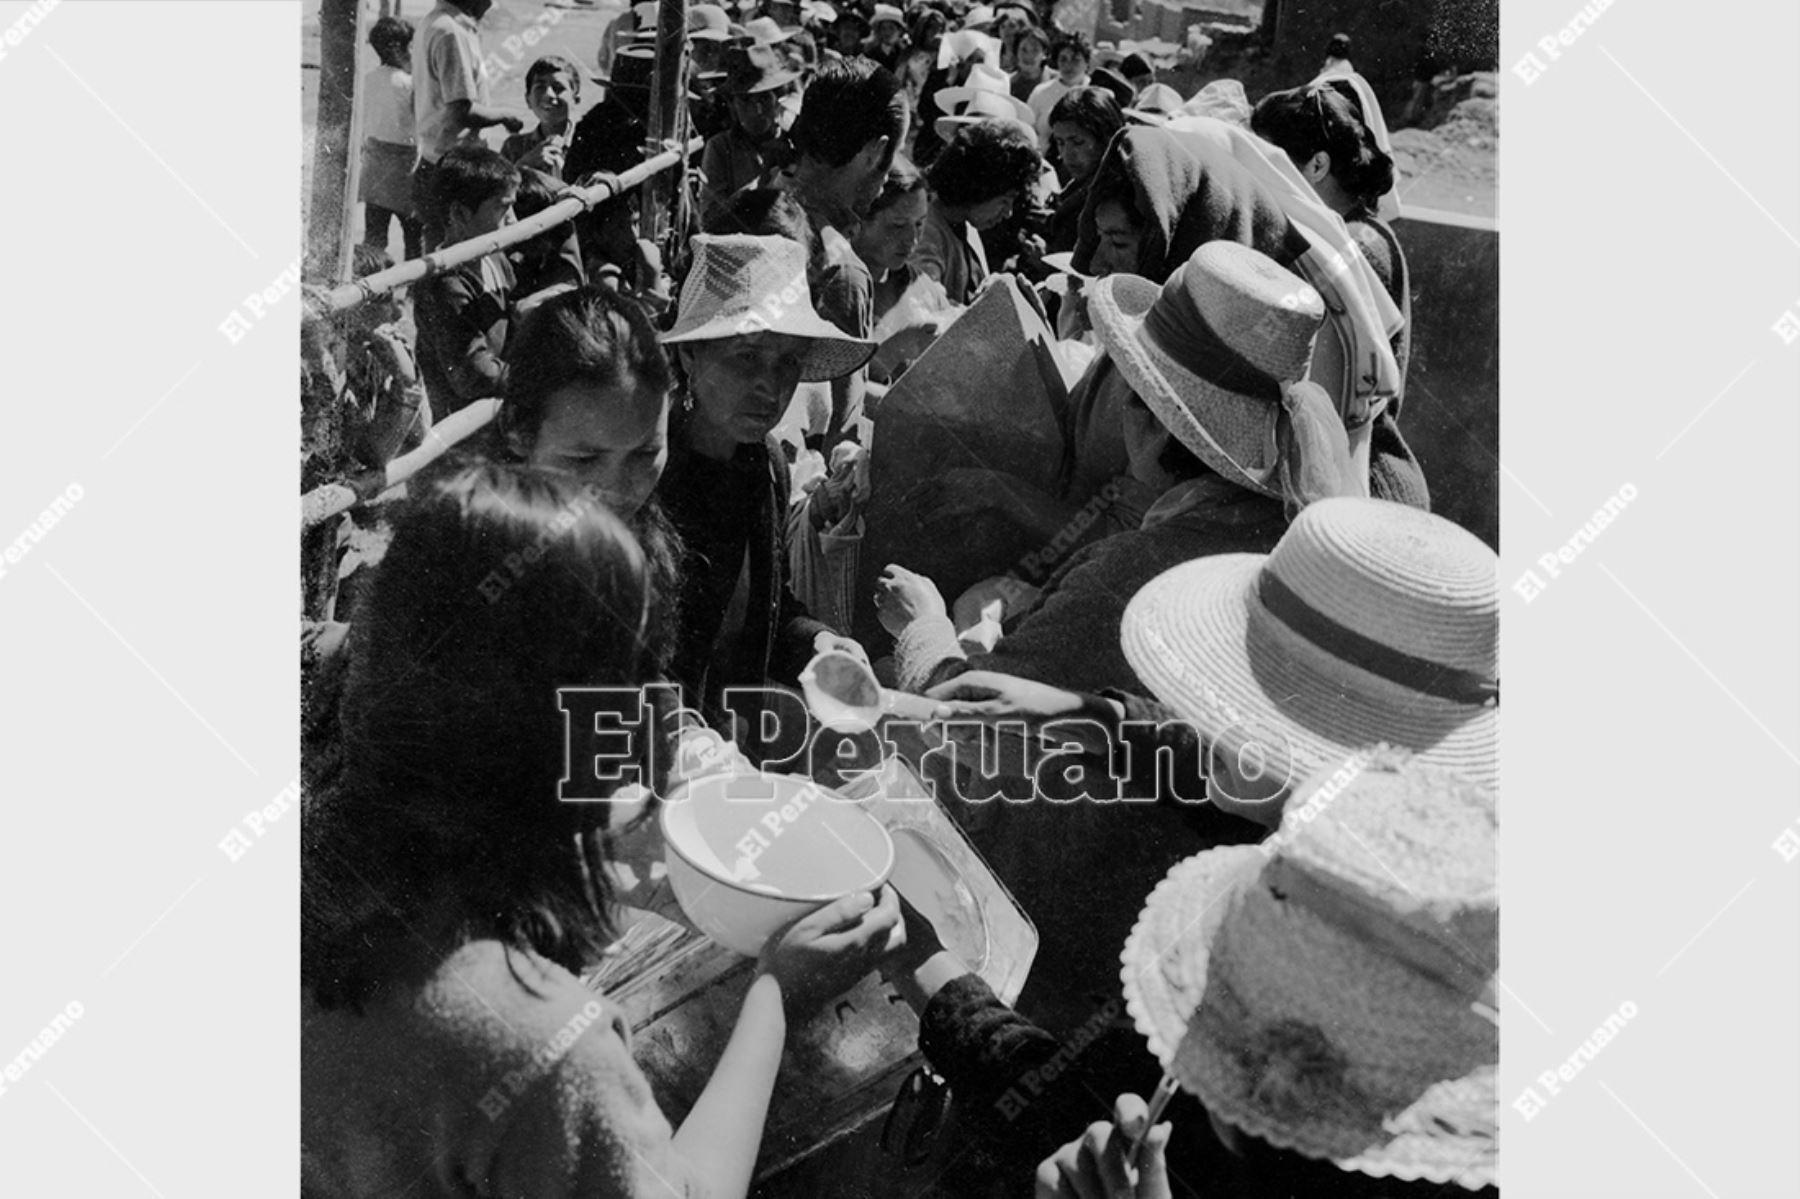 Ancash - 1 junio 1970 / Terremoto de Yungay. Decenas de damnificados forman colas para recibir ayuda humanitaria.  Foto: Archivo Histórico de El Peruano